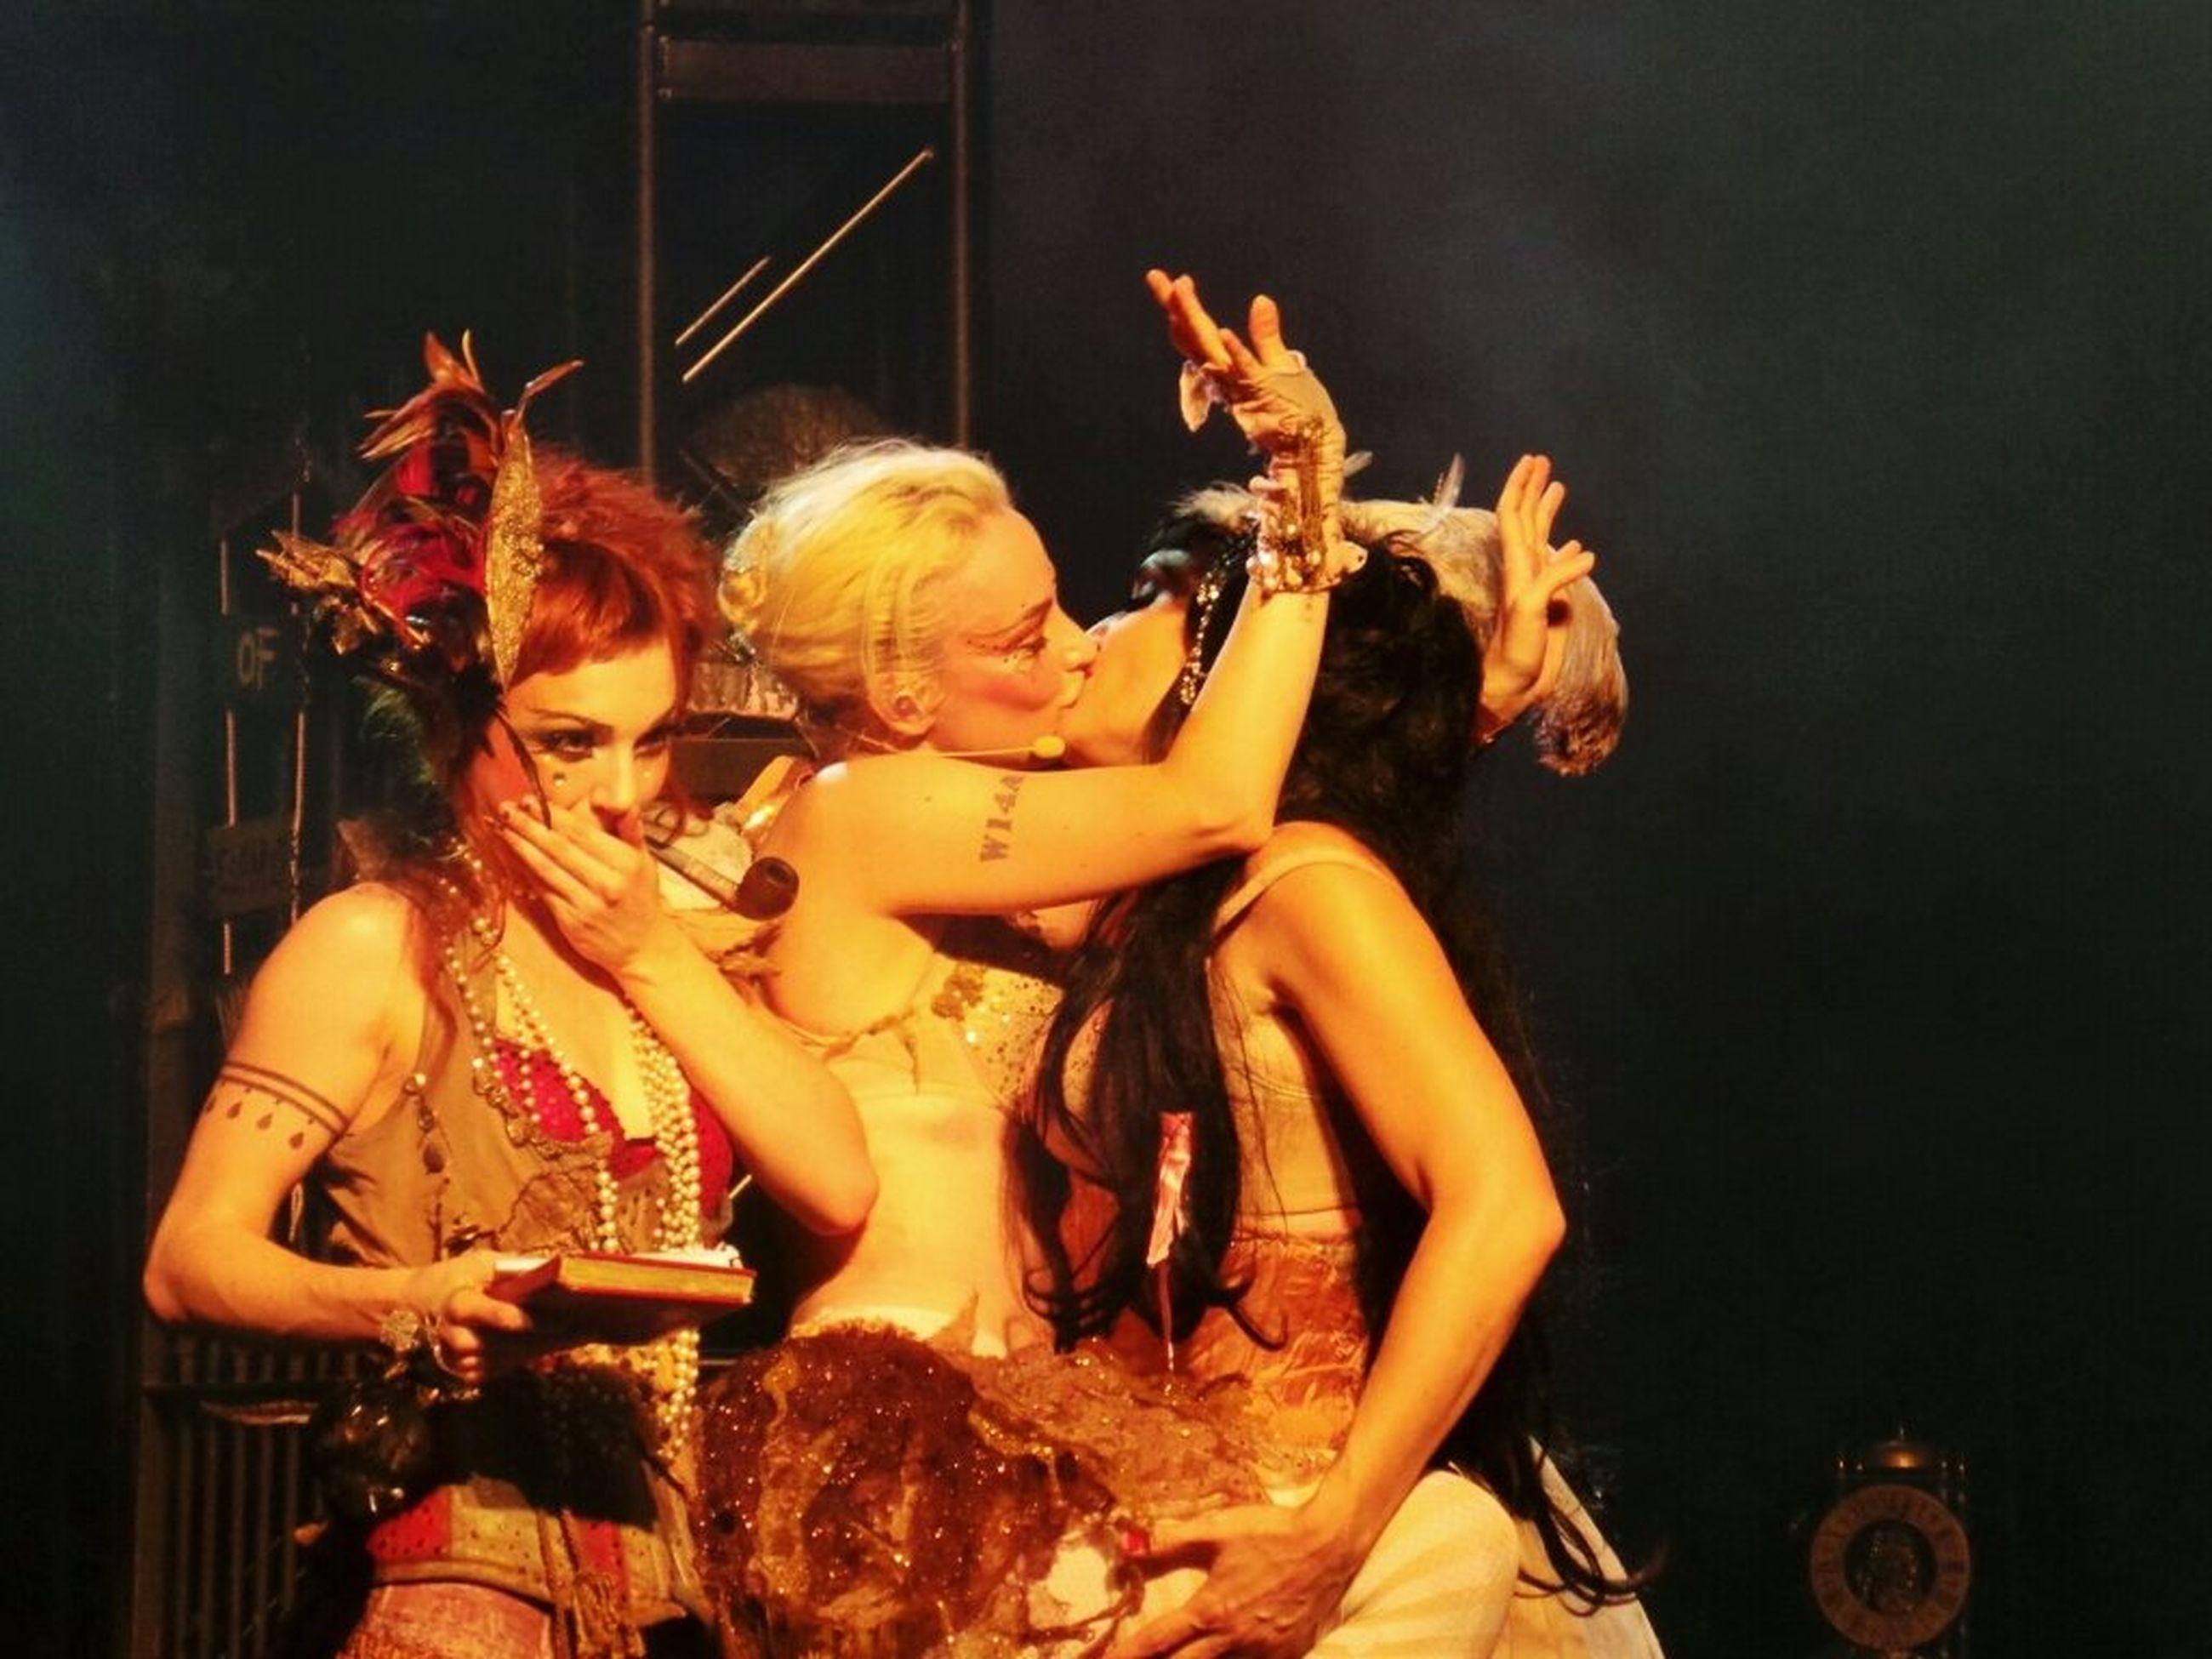 Tonights Emilie Autumn Show Concert Music Stage Emilie Autumn